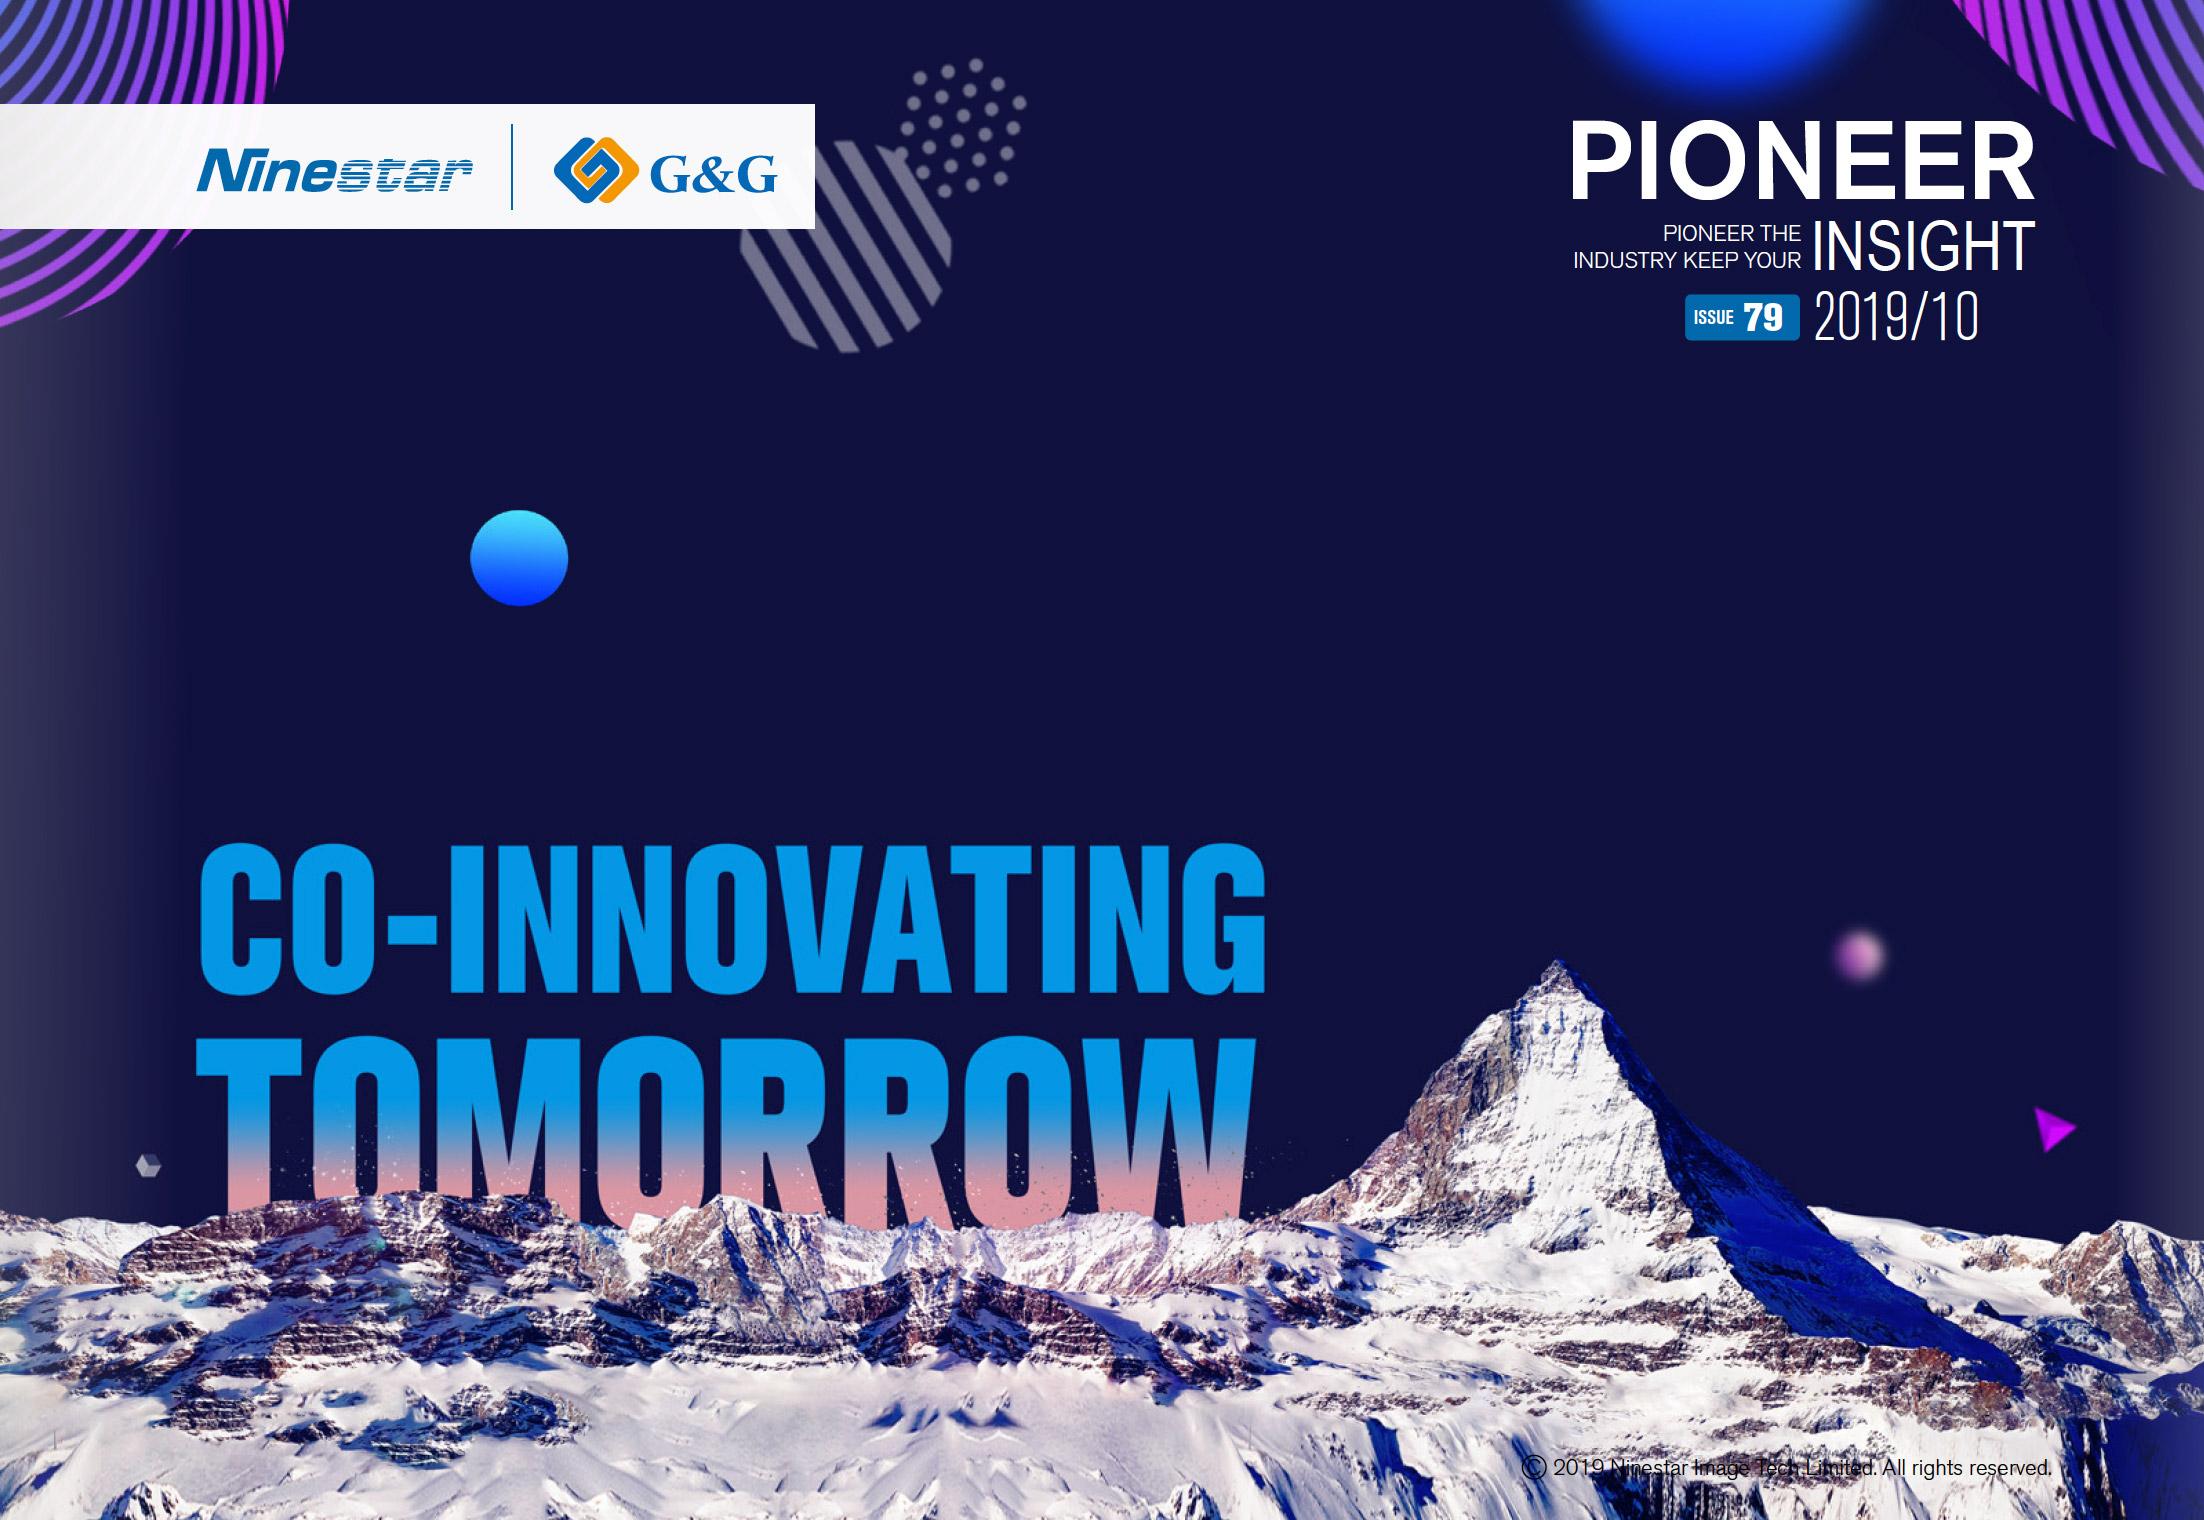 Pioneer Insight das Magazin von G&G und Ninestar